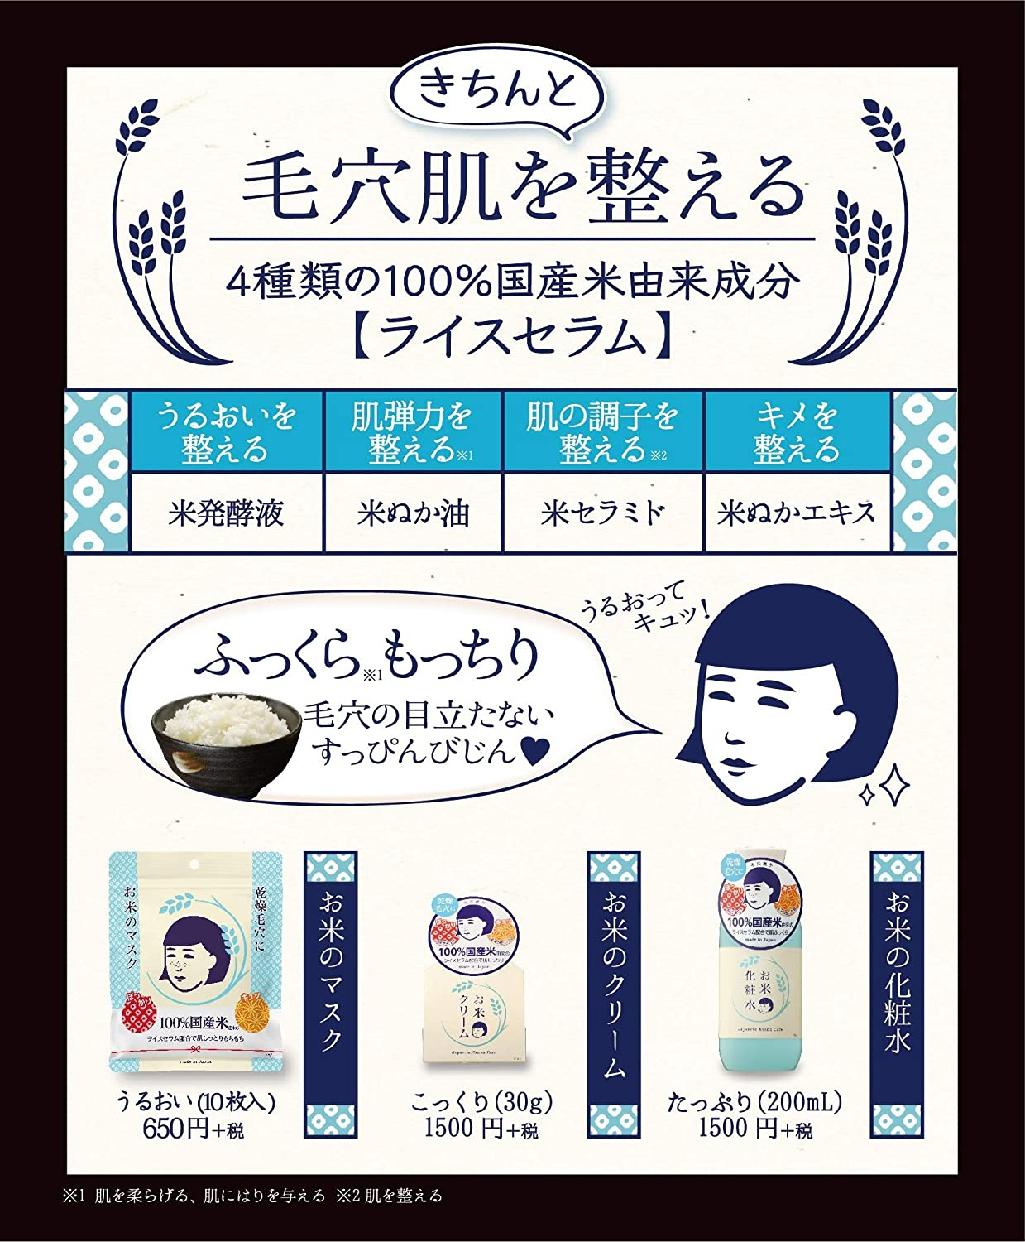 毛穴撫子(ケアナナデシコ) お米のマスク <シートマスク>の商品画像7